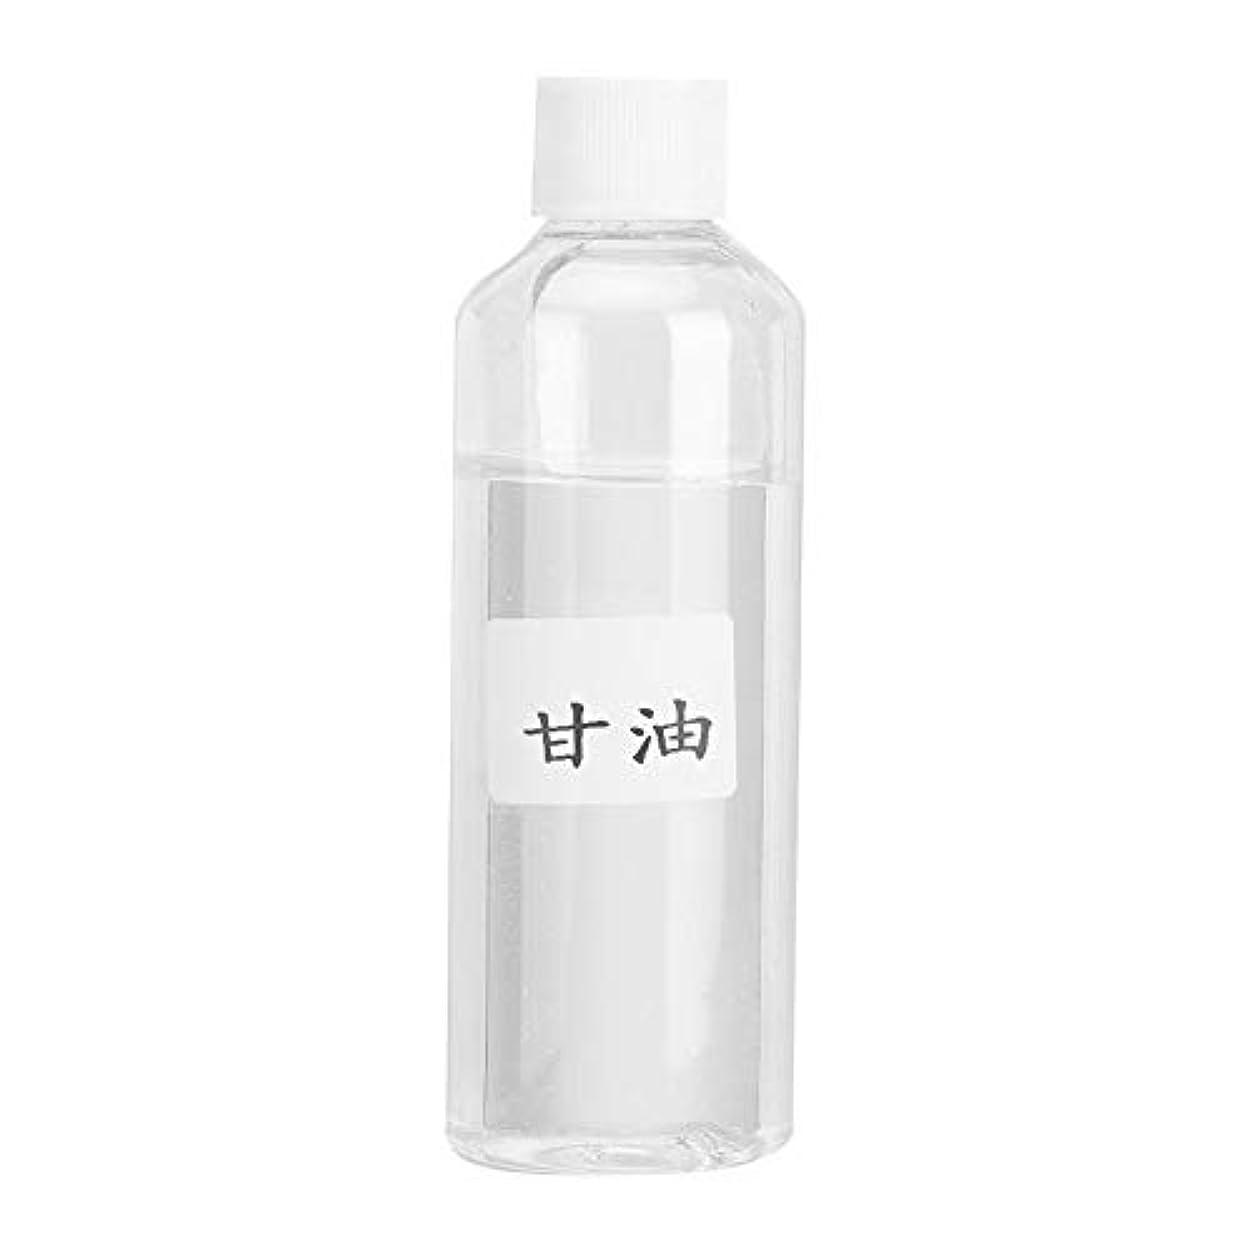 ラケット着実に適切に化粧品原料 化粧品DIY原料 グリセロール植物水分原料を作る